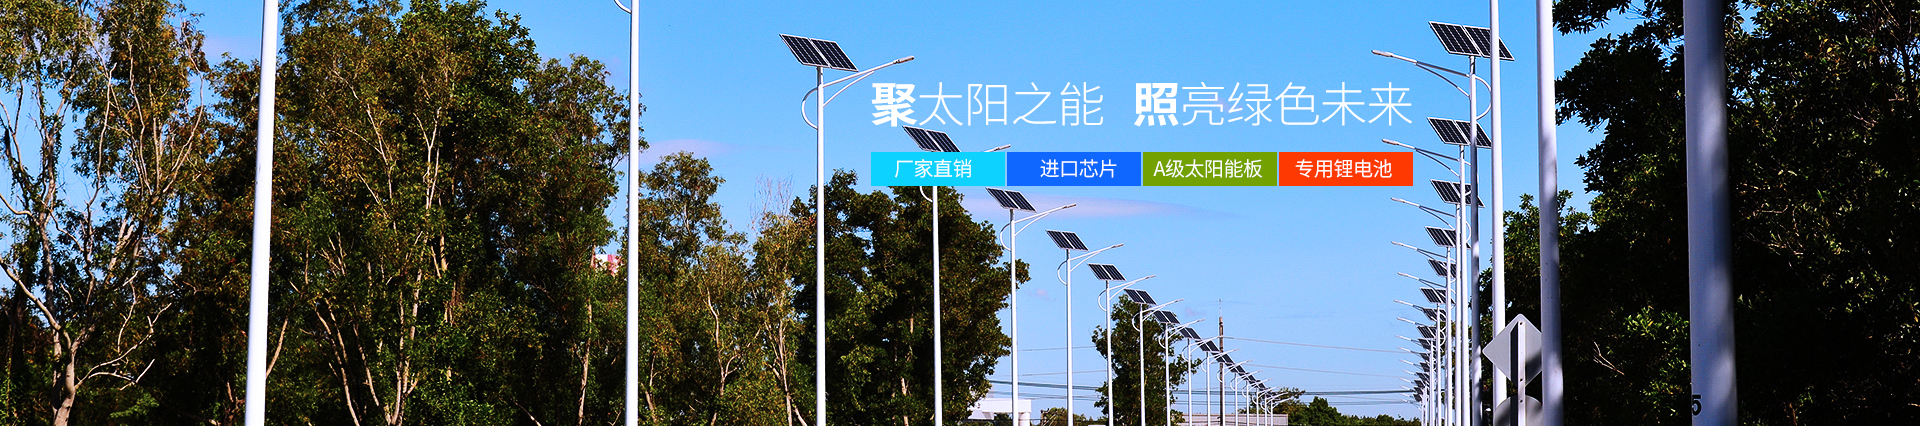 鑫永虹-聚太阳之能  照亮绿色未来